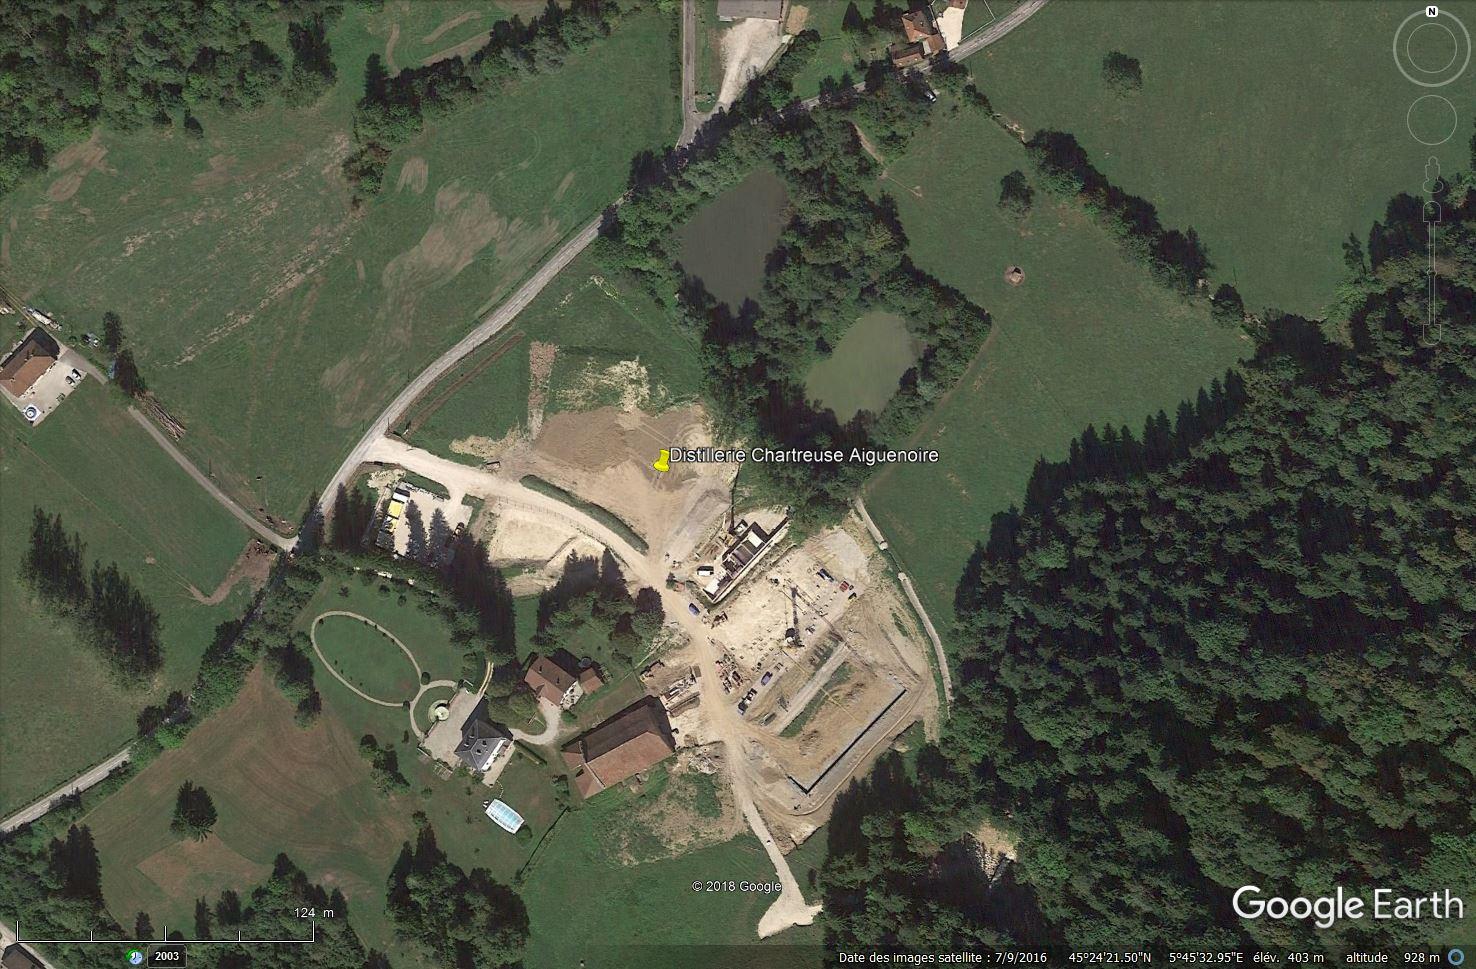 [Bientôt visible sur Google Earth] Nouvelle distillerie de chartreuse, Entre-deux-Guiers, Isère Tsge_165